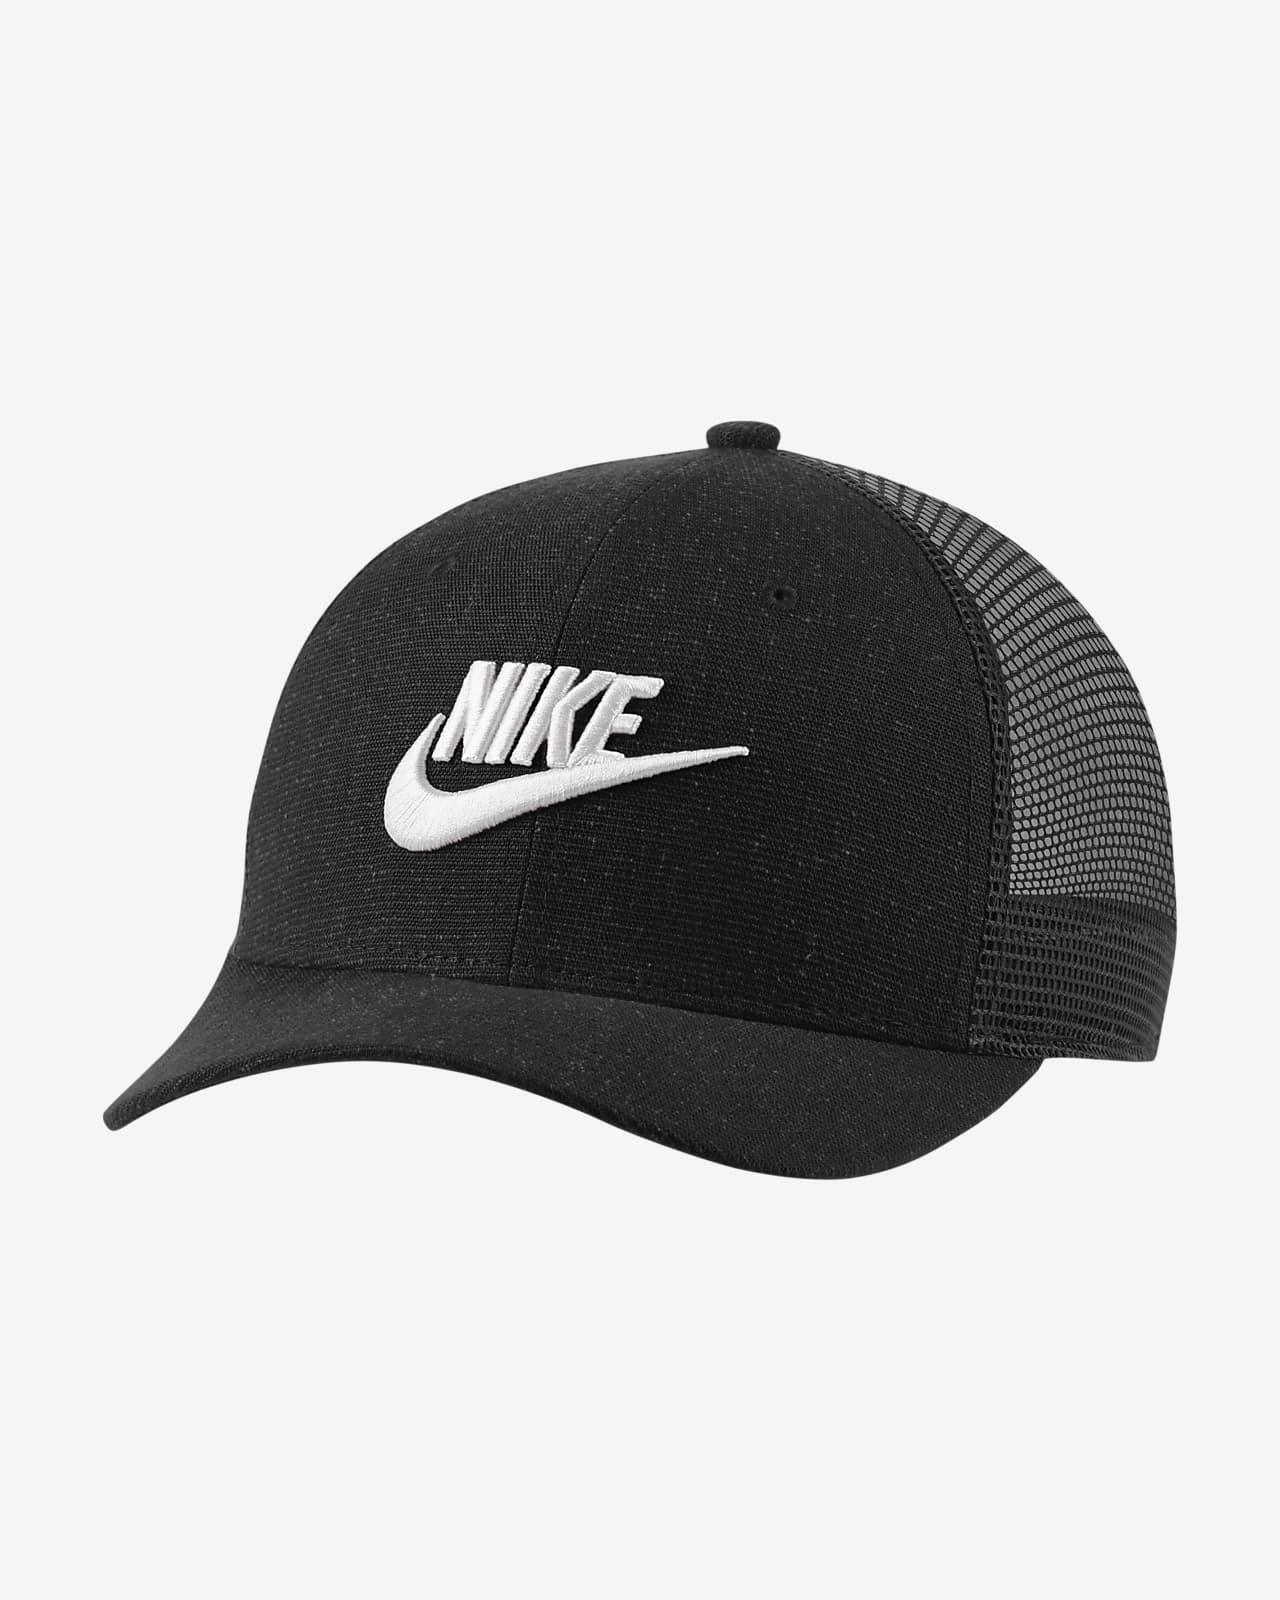 Nike Sportswear Classic 99 Trucker Hat